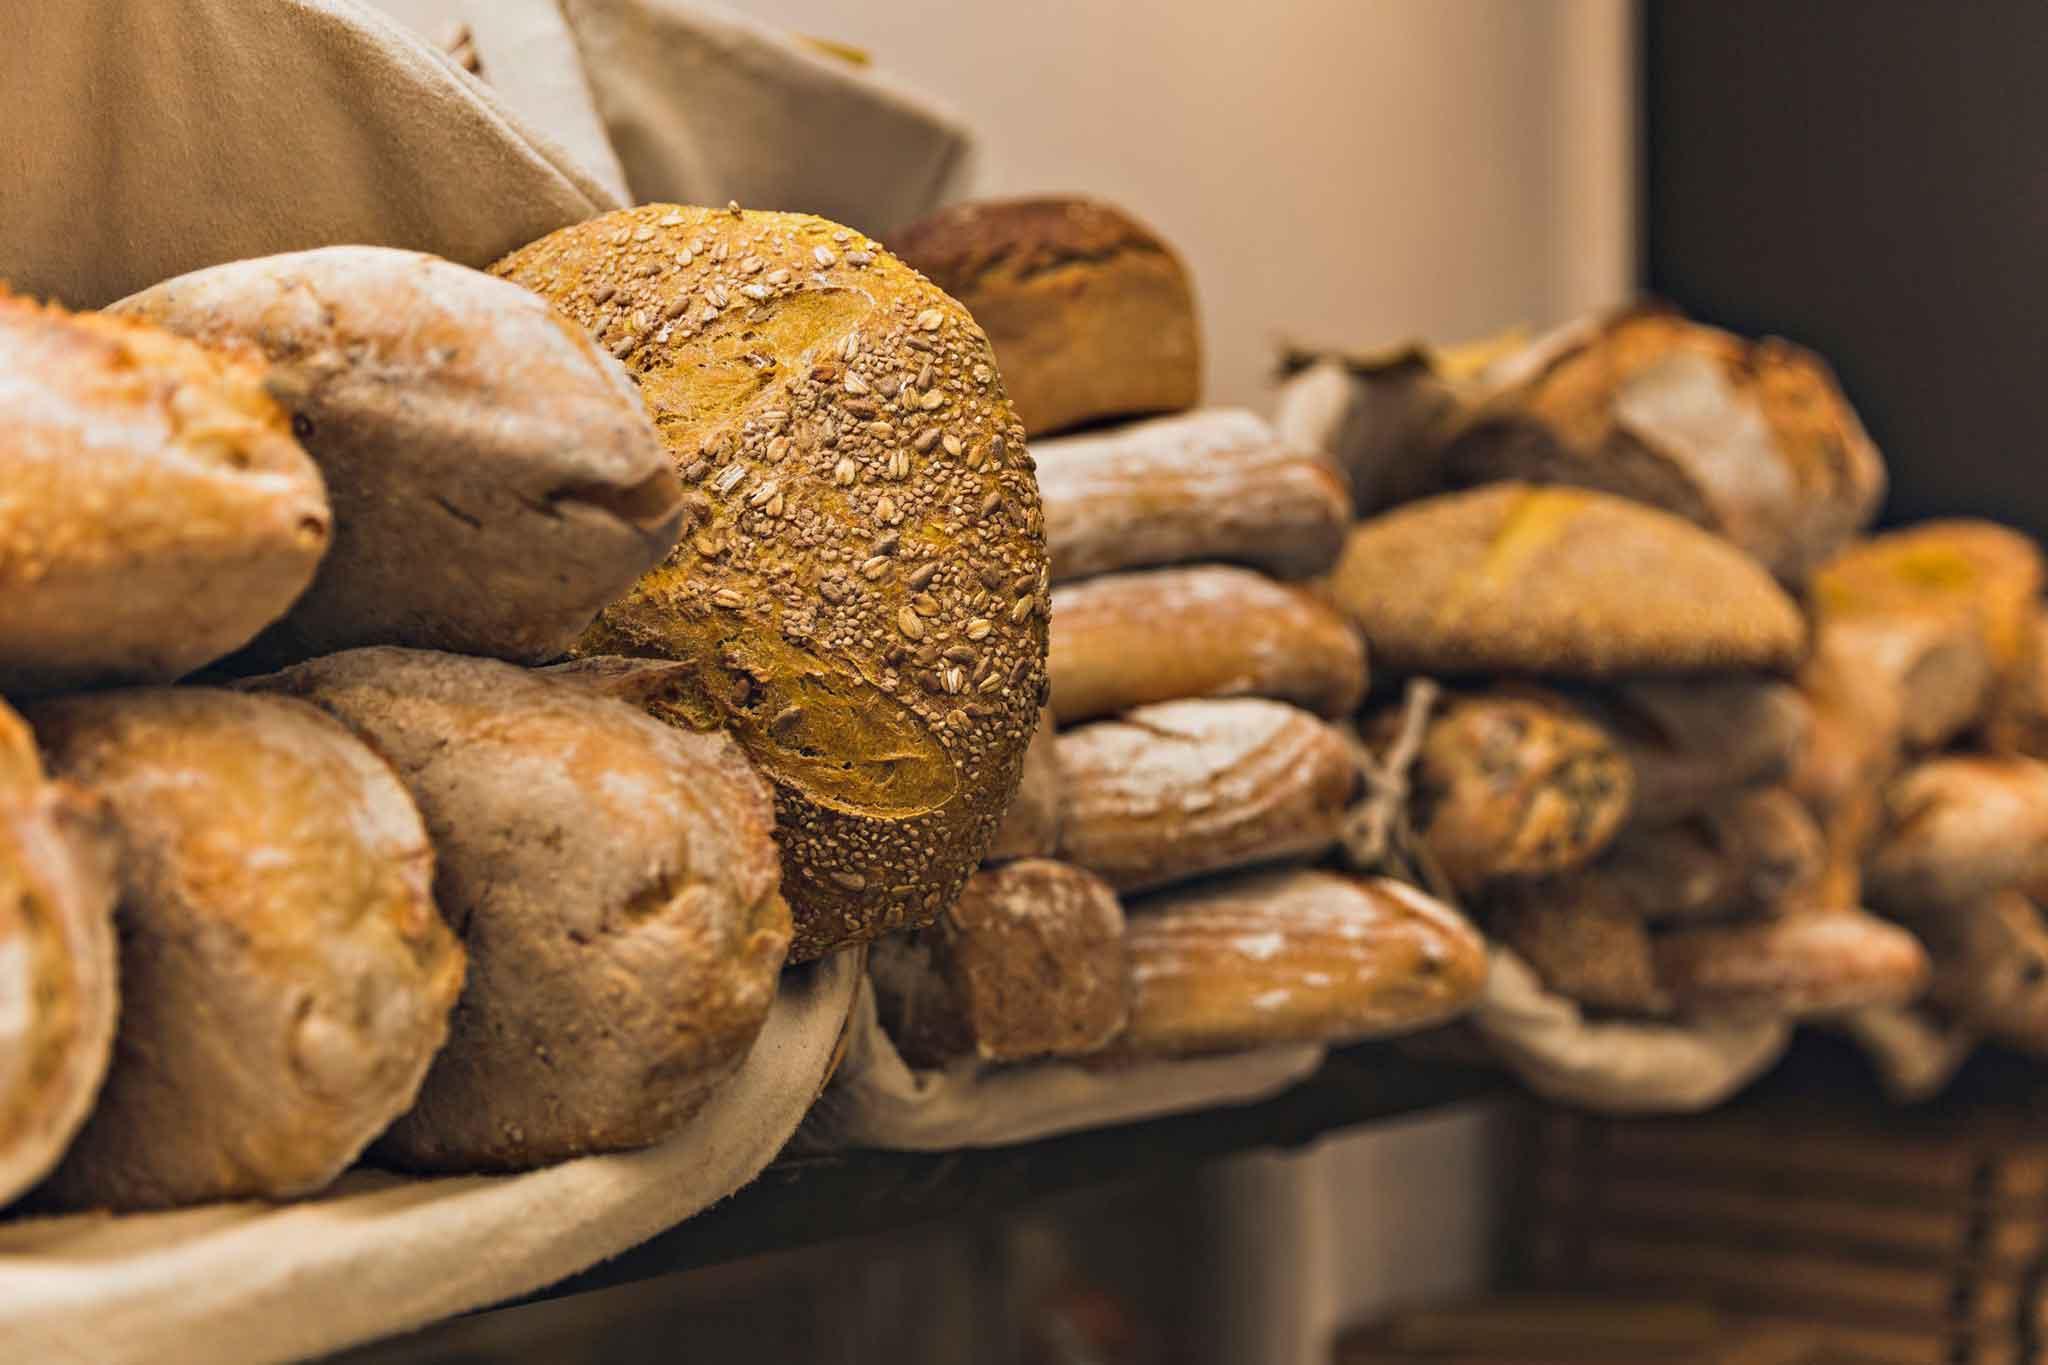 Credenza Per Pane : Roma. pane e tempesta fa il bis apre alla pisana anche con la pizza